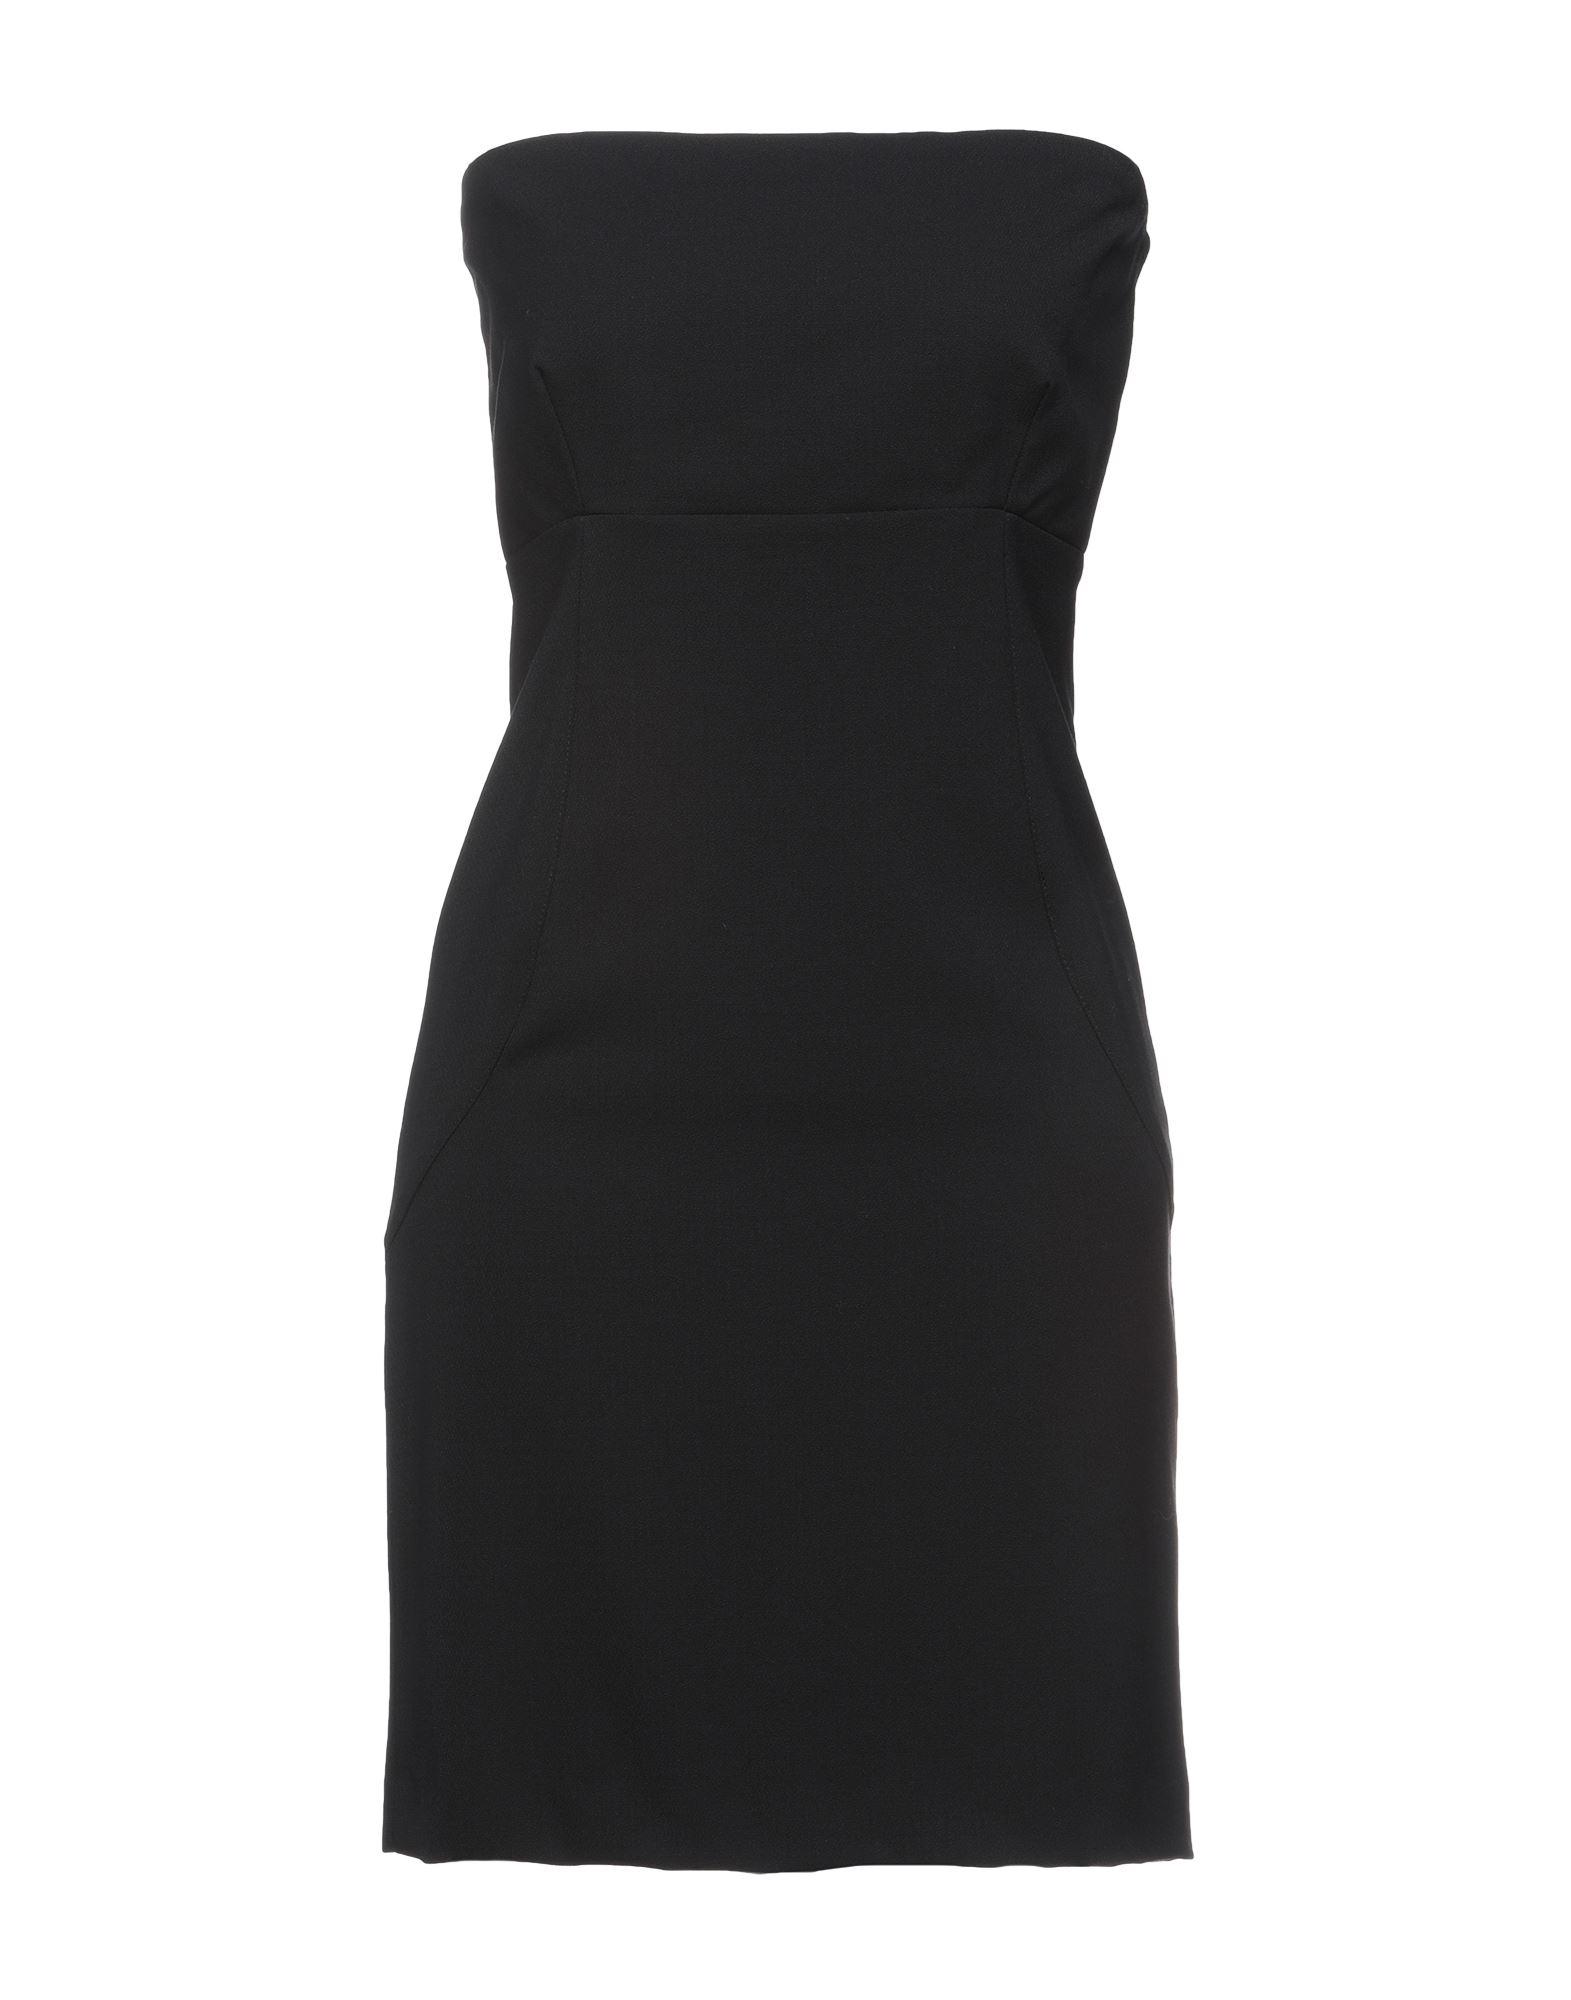 Фото - FRANCESCA FERRANTE Короткое платье ferrante длинное платье